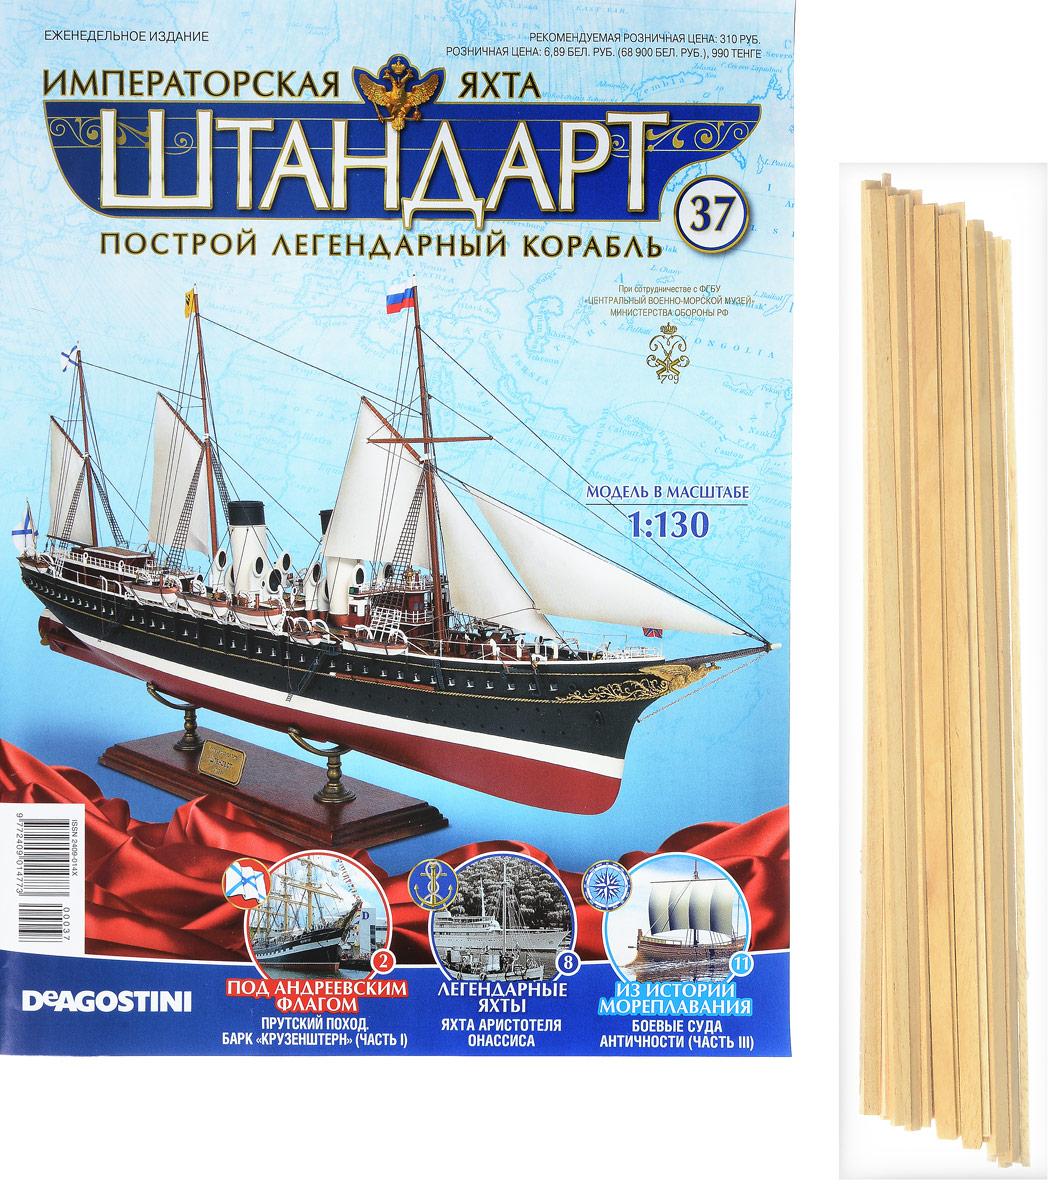 Журнал Императорская яхтаШТАНДАРТ №37